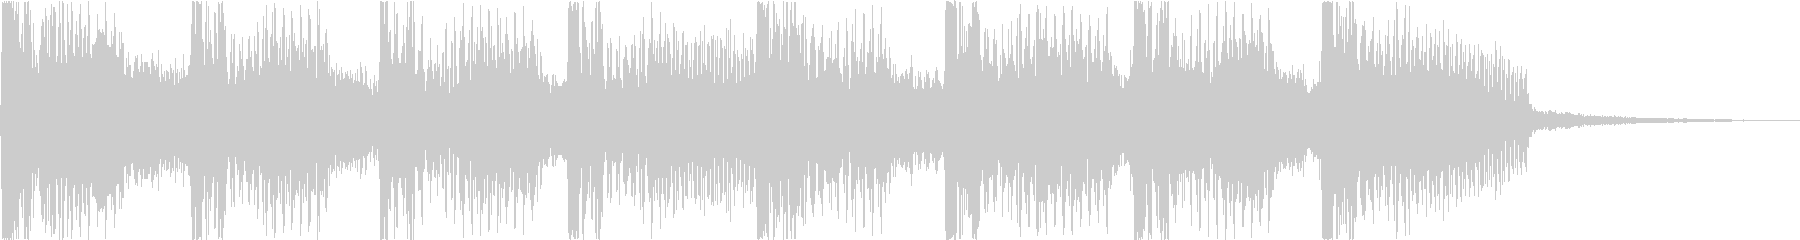 キラキラサウンドのアイキャッチの未再生の波形